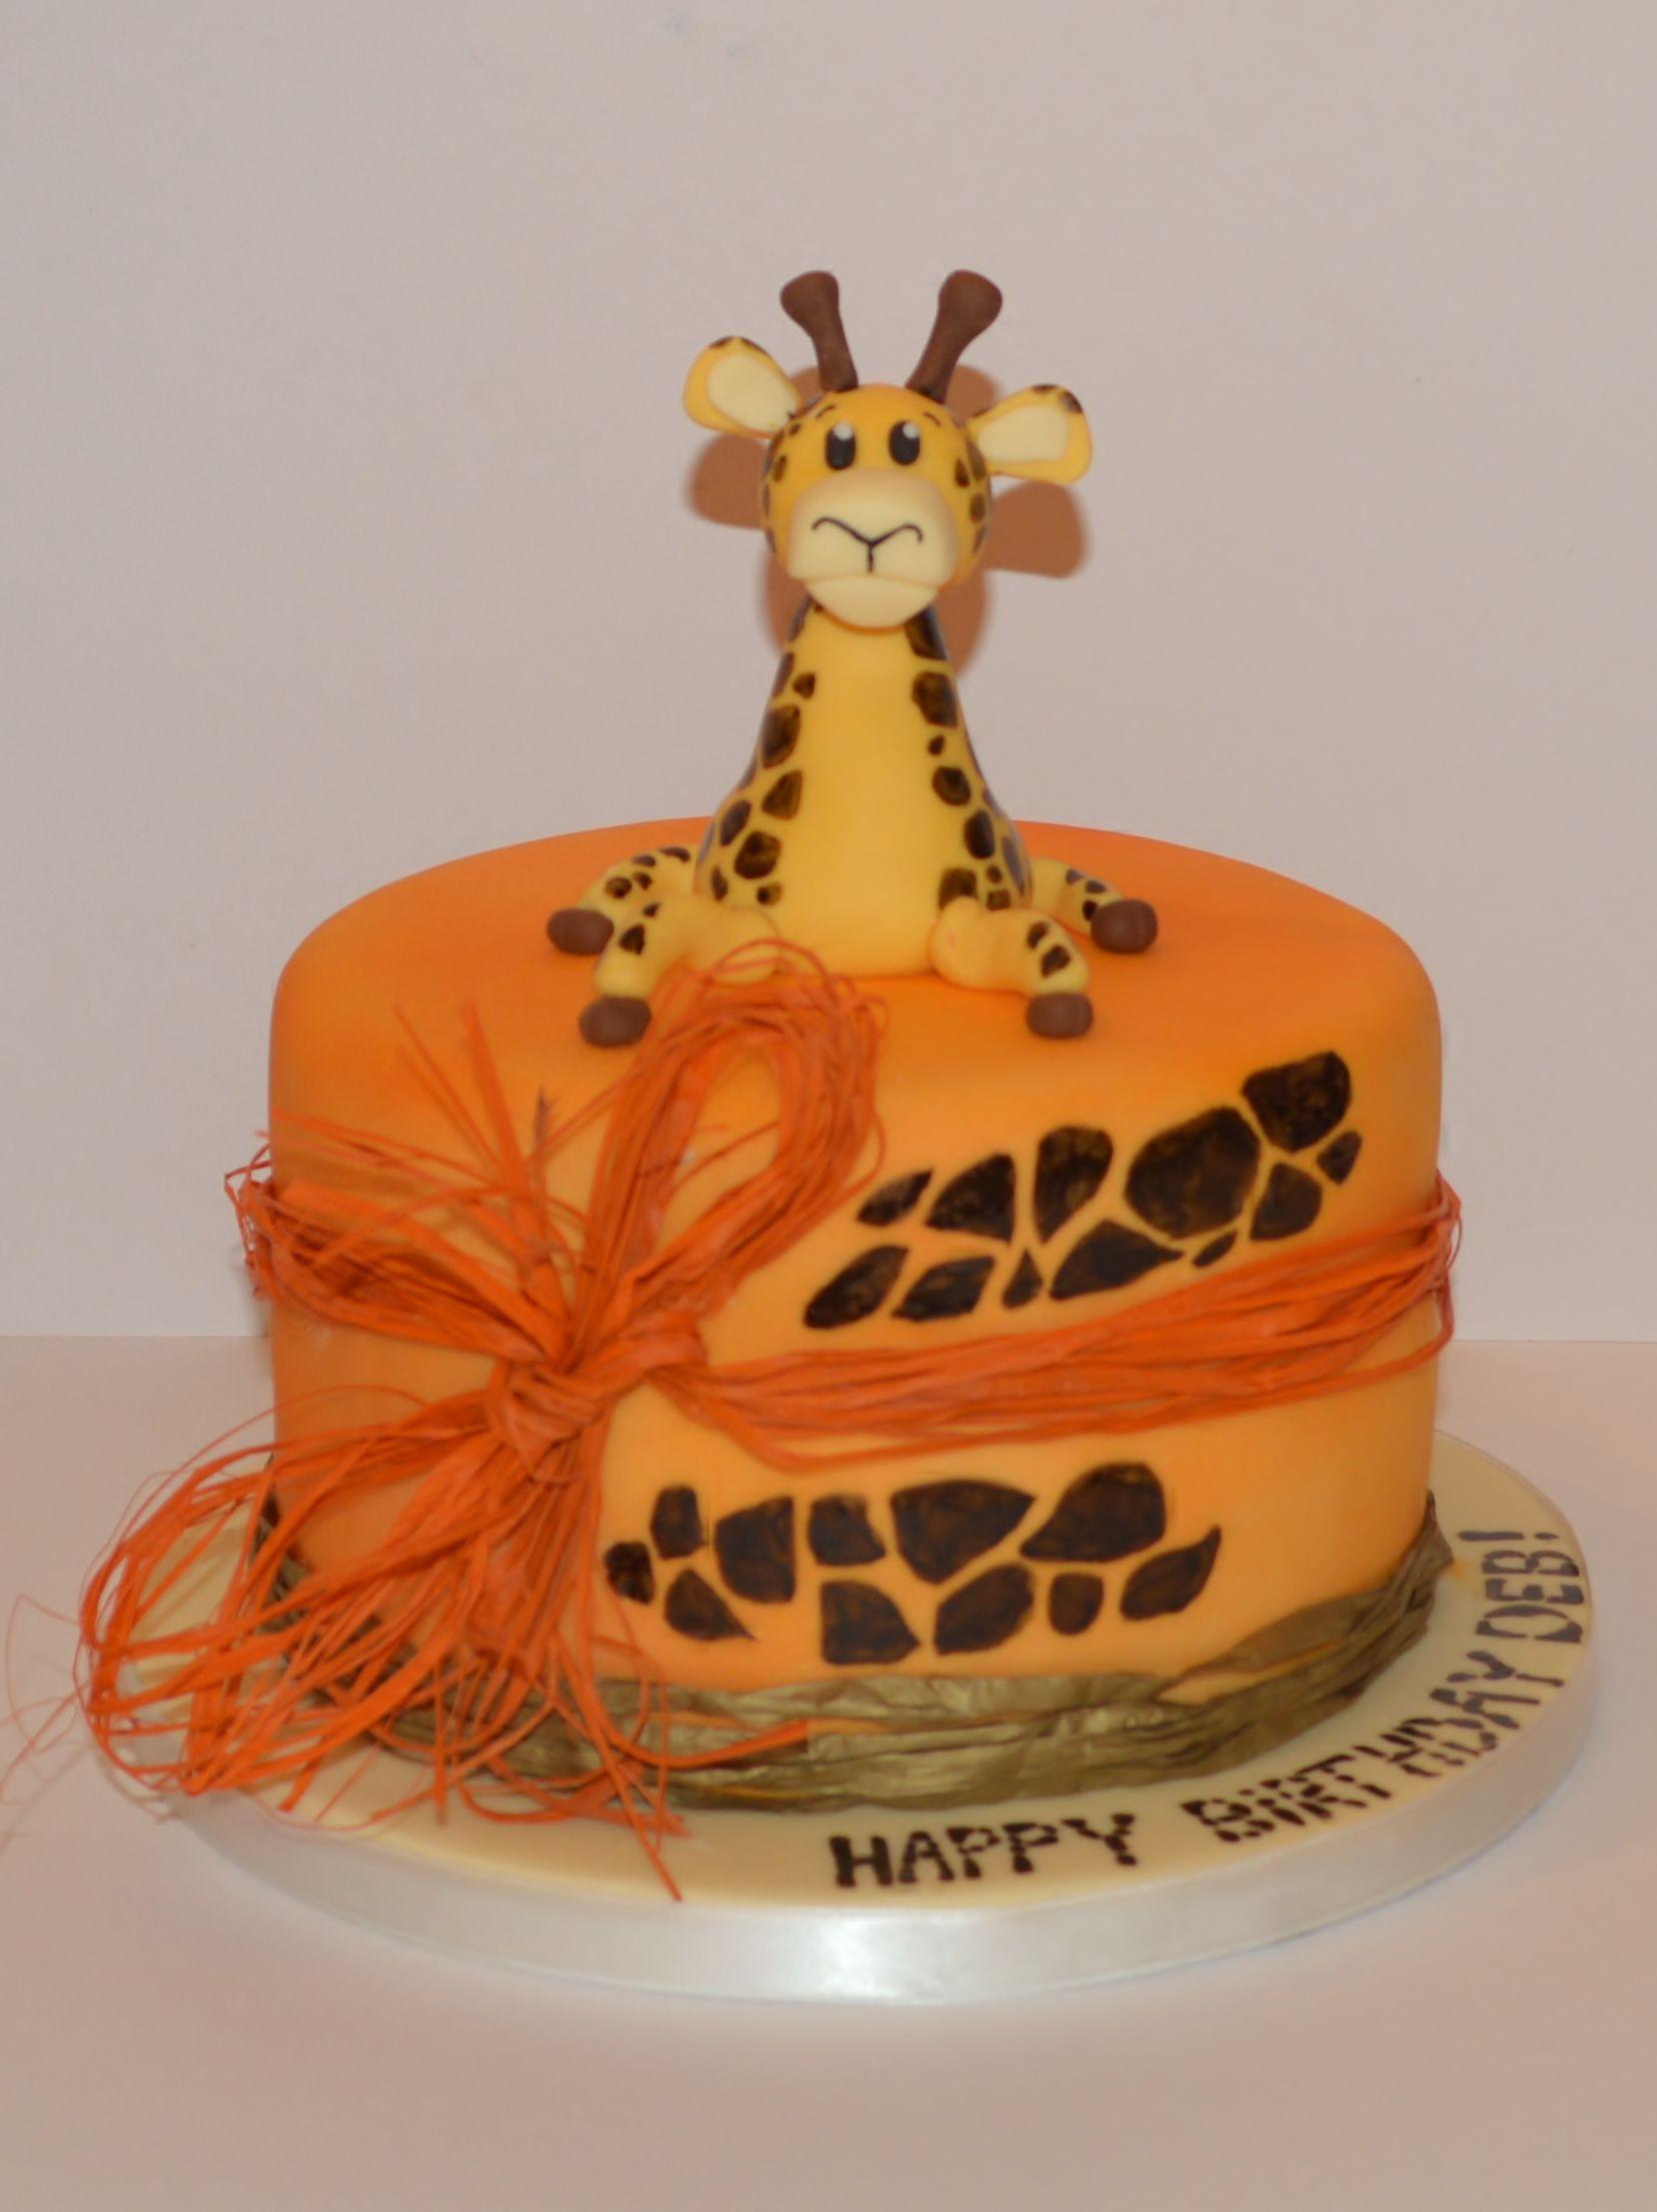 White chocolate and raspberry giraffe cake